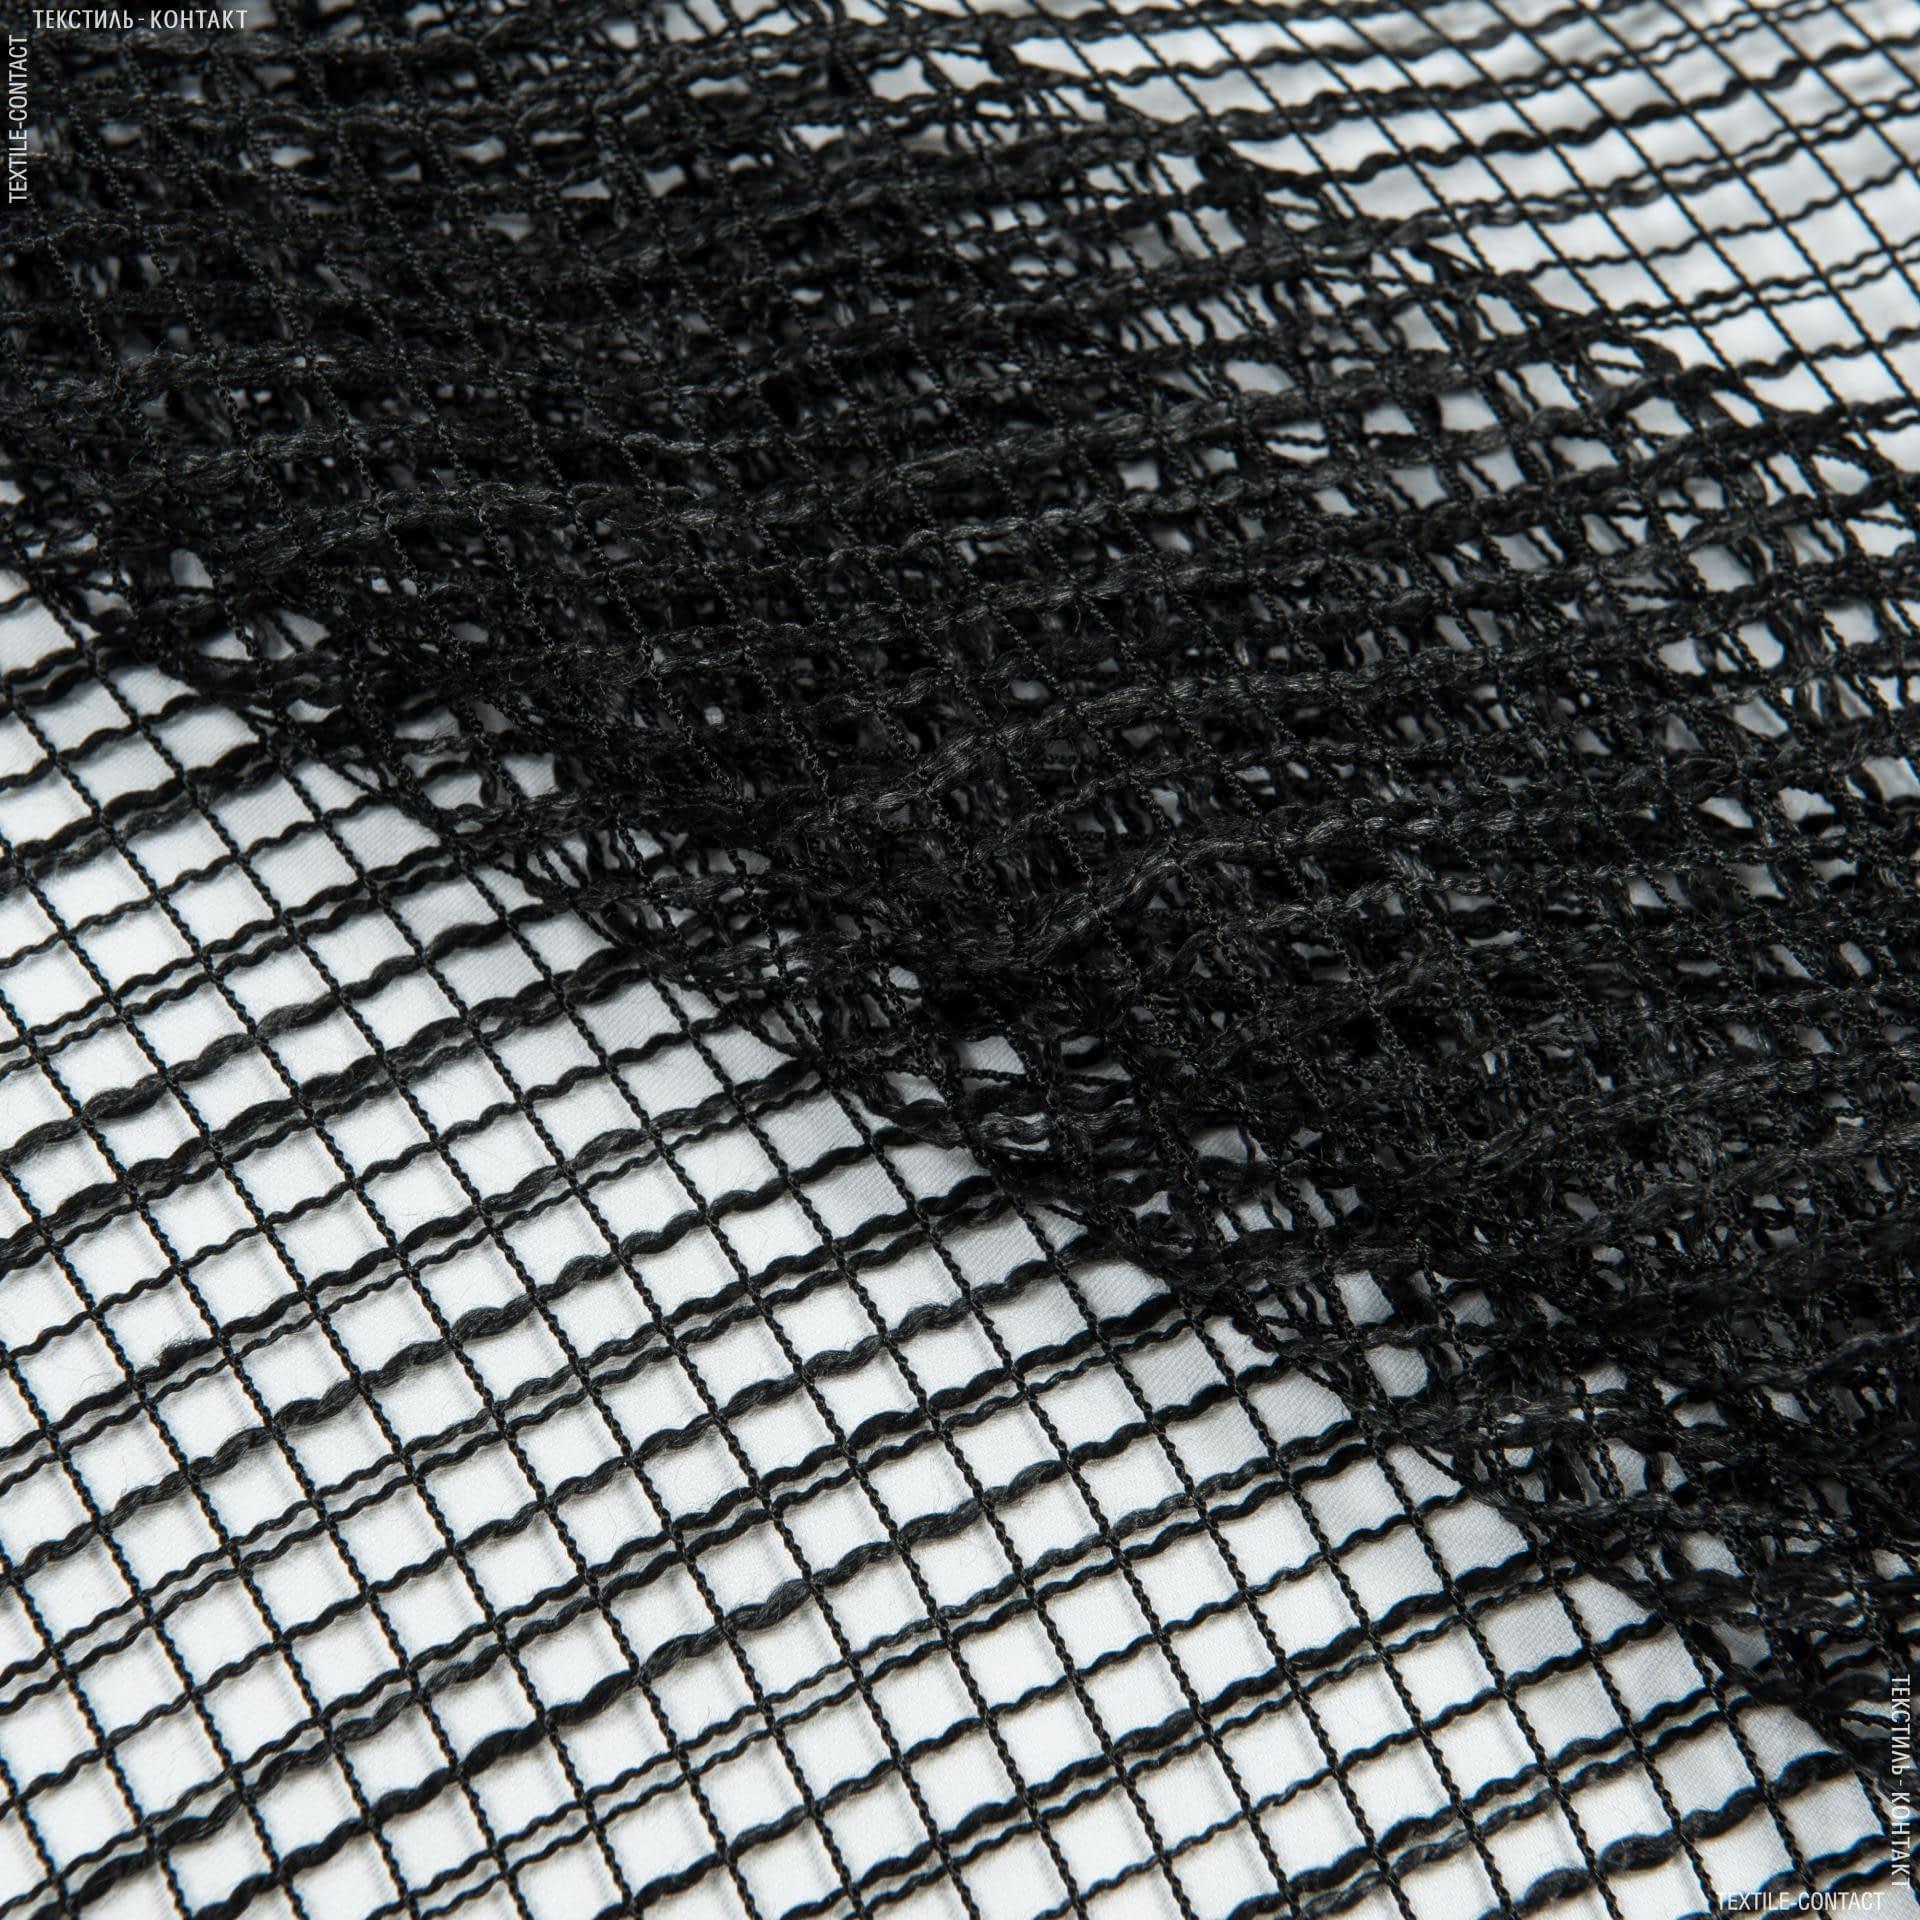 Ткани для драпировки стен и потолков - Тюль сетка с утяжелителем николь черный меланж